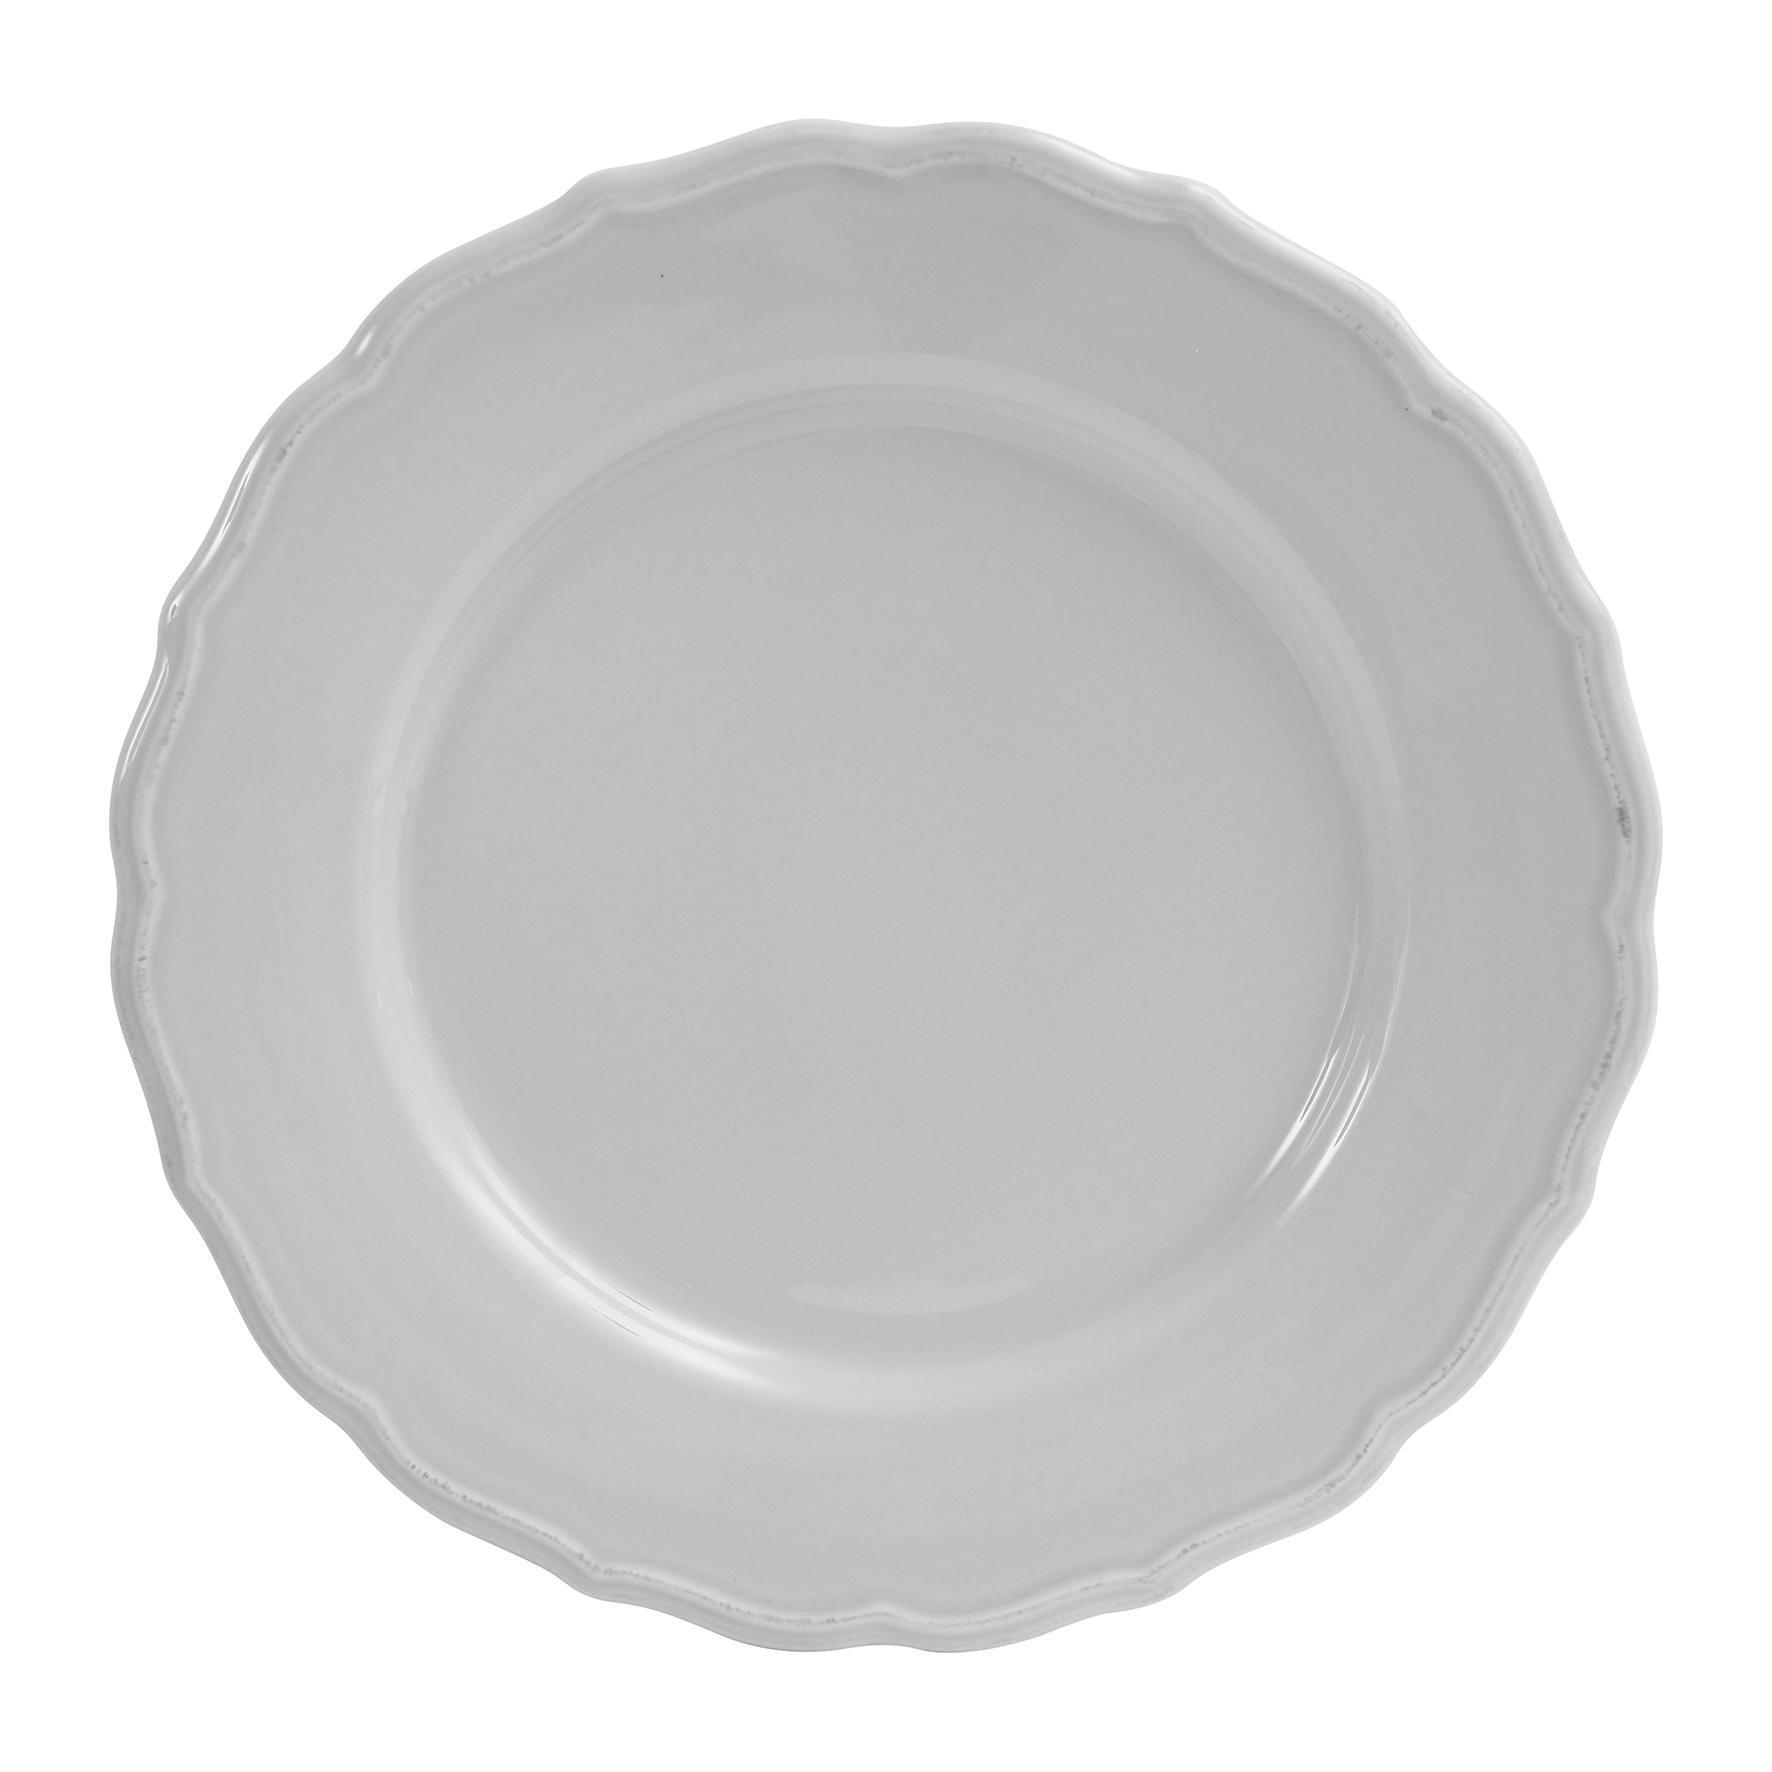 CÔTÉ TABLE Dezertní talíř Carole gris, šedá barva, keramika